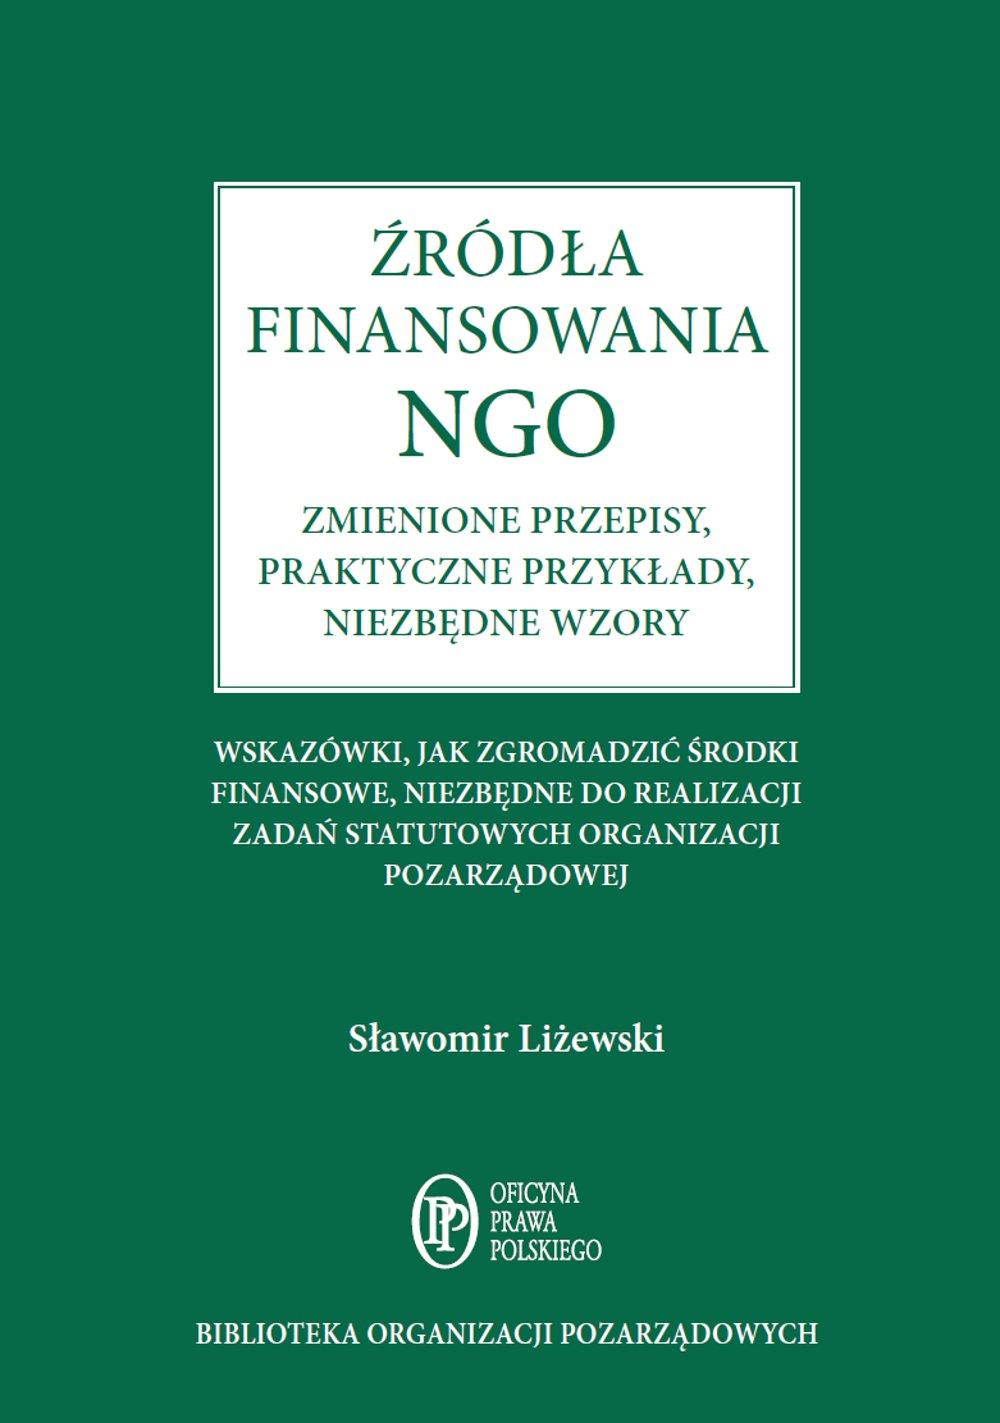 Źródła finansowania NGO - Ebook (Książka PDF) do pobrania w formacie PDF